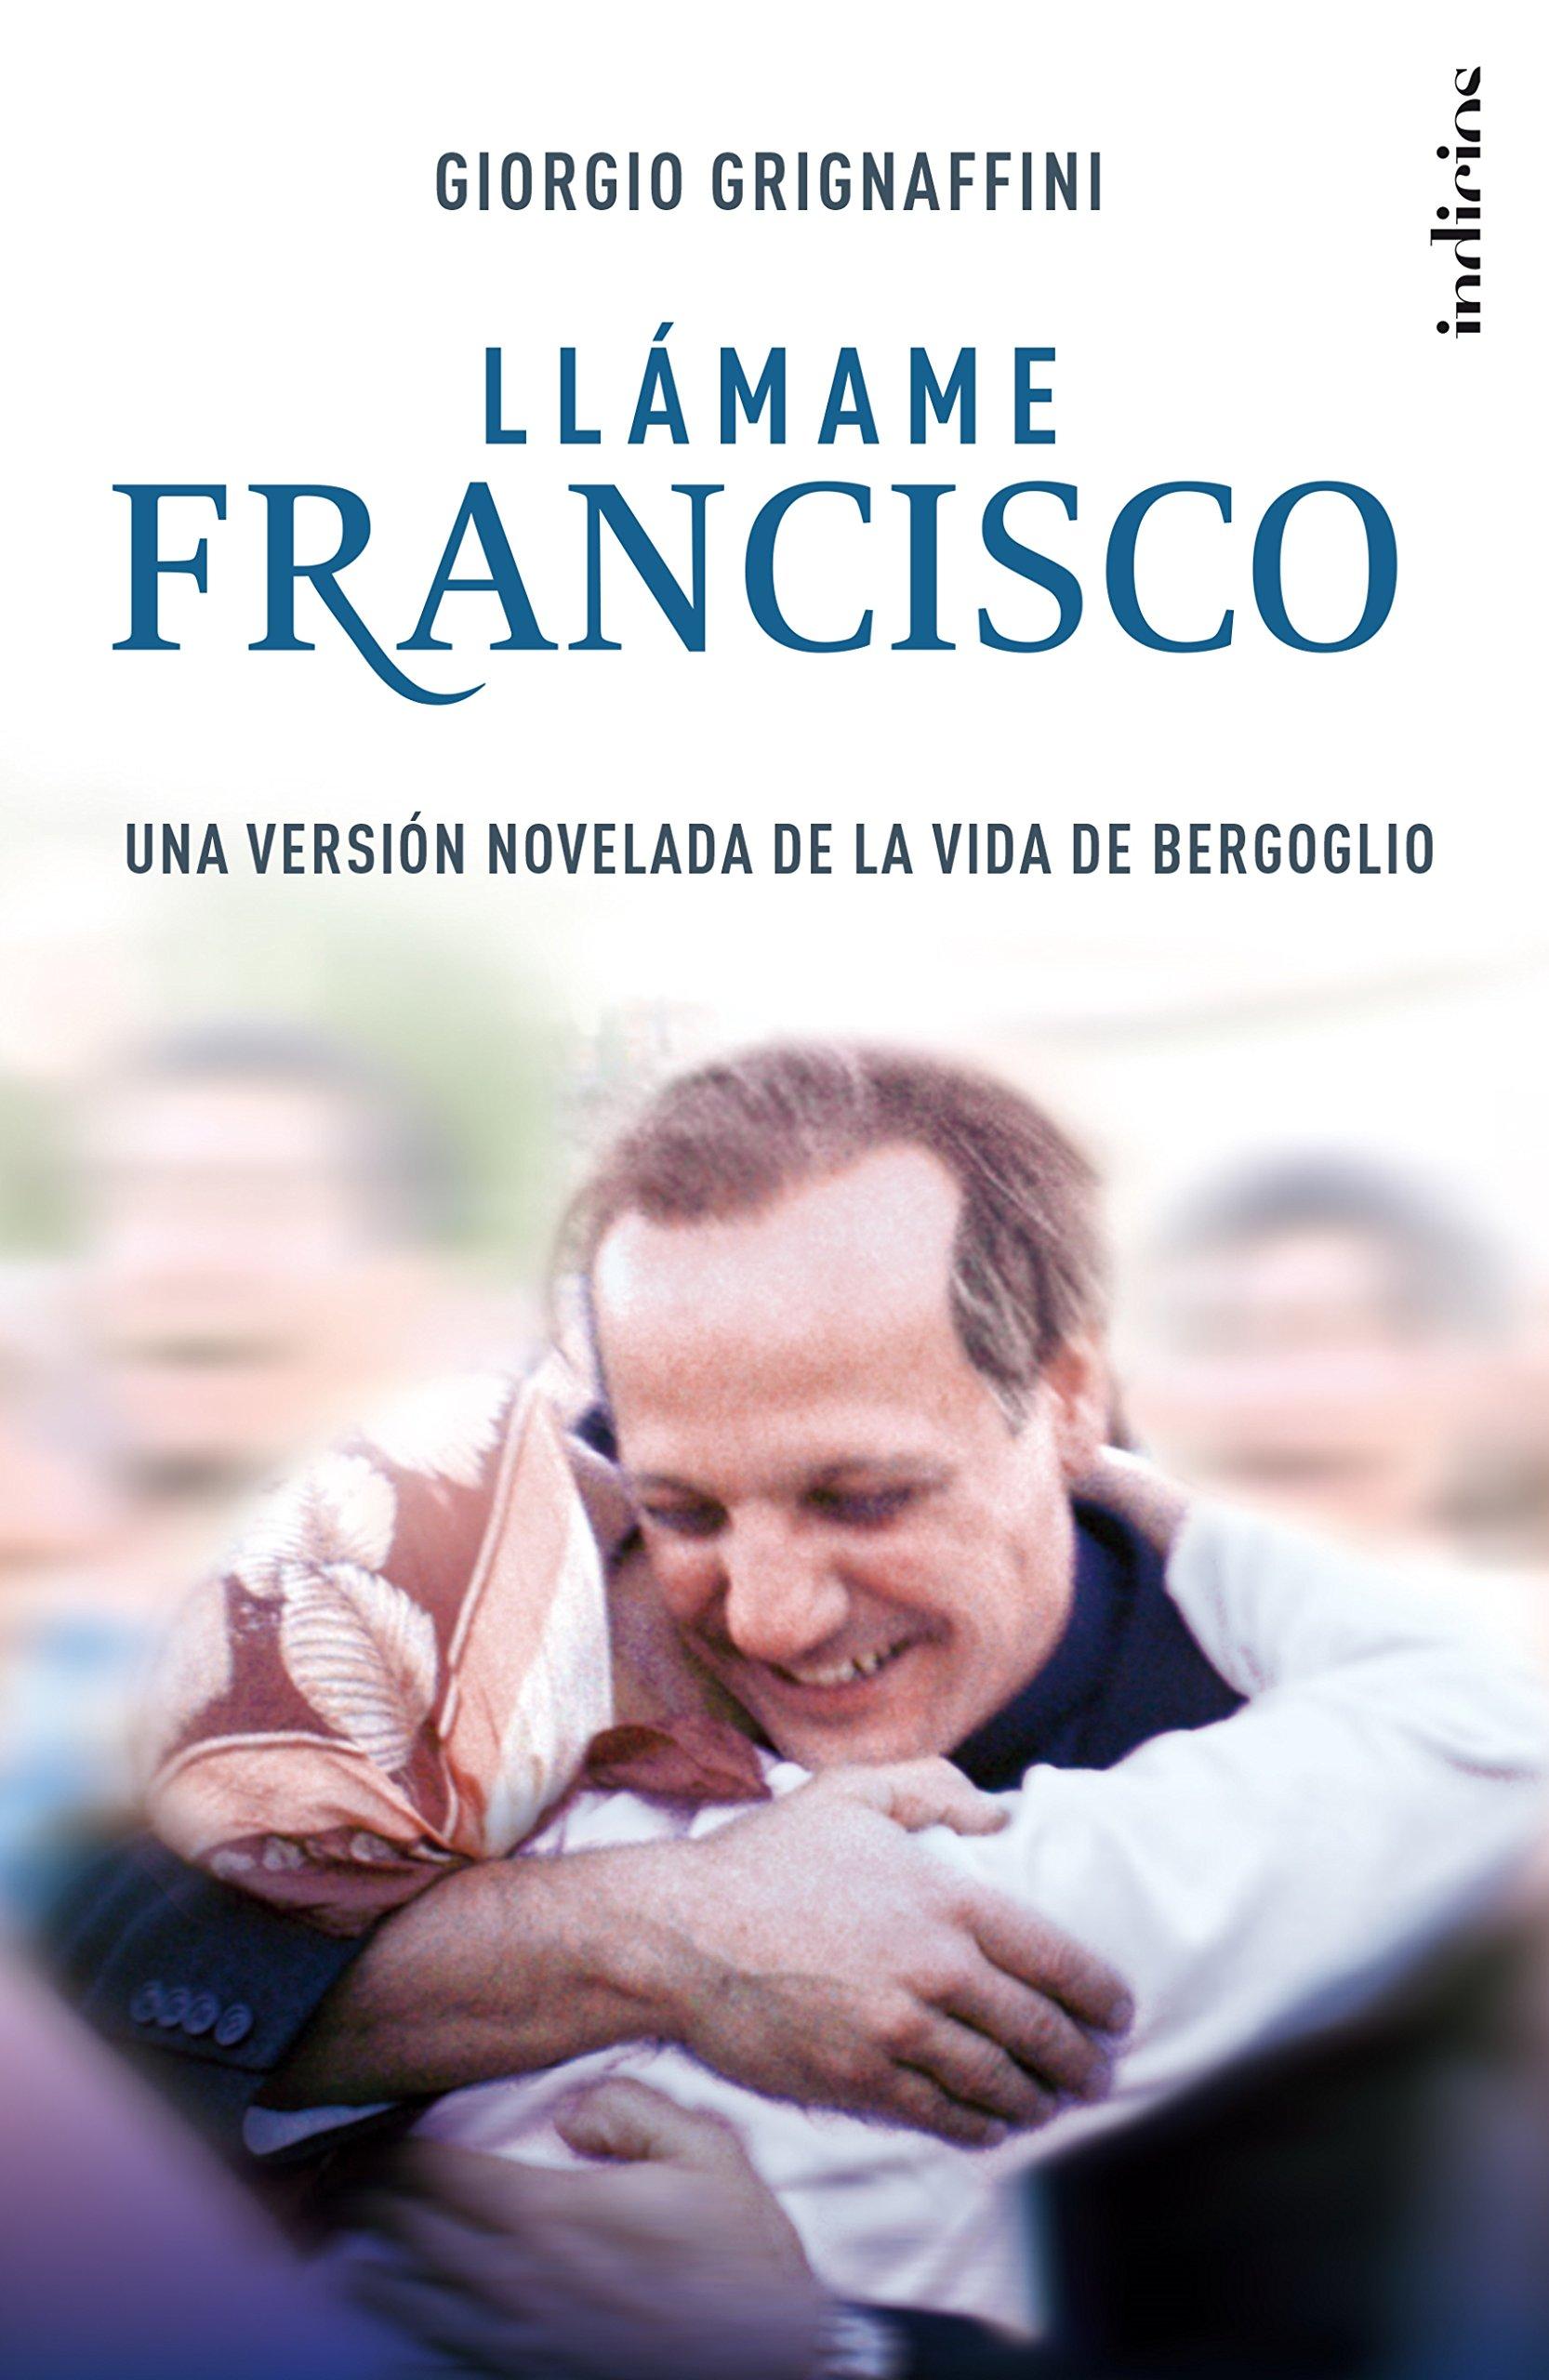 Llámame Francisco: Una versión novelada de la vida de Bergoglio (Indicios ficción) Tapa blanda – 14 mar 2016 Giorgio Grignaffini Josep Alemany Castells 841573218X Christian fiction.